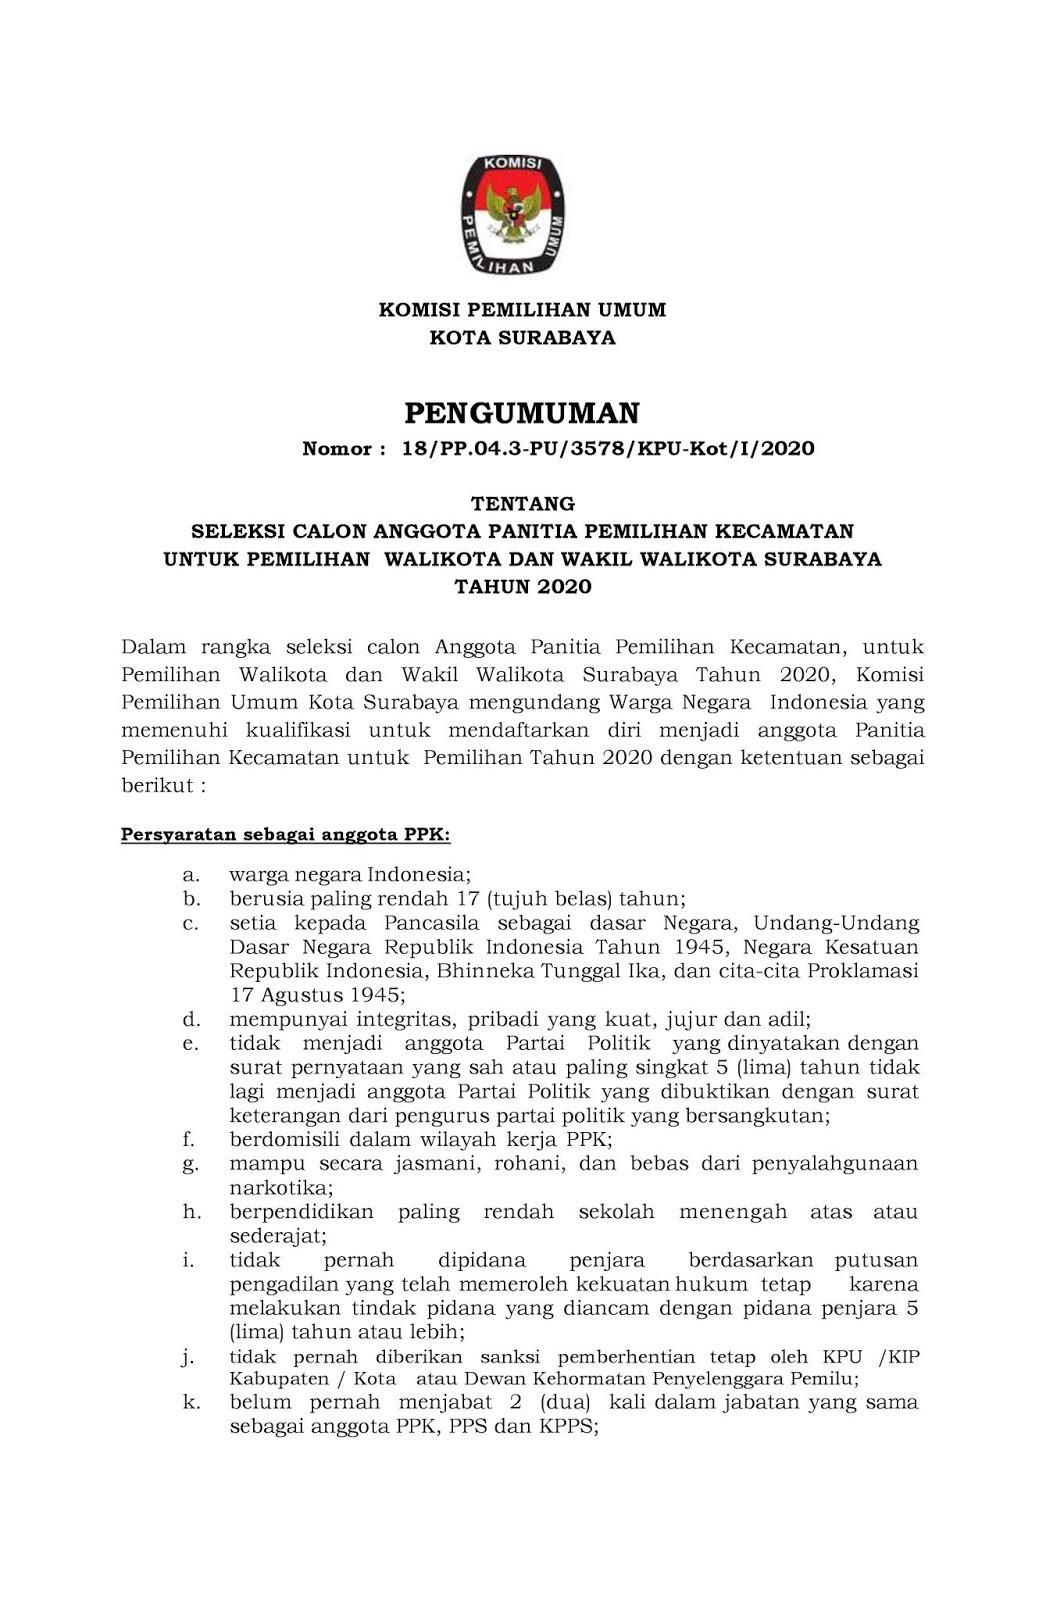 Rekrutmen Non PNS PPK Komisi Pemilihan Umum Kota Surabaya Minimal SMA Tahun 2020